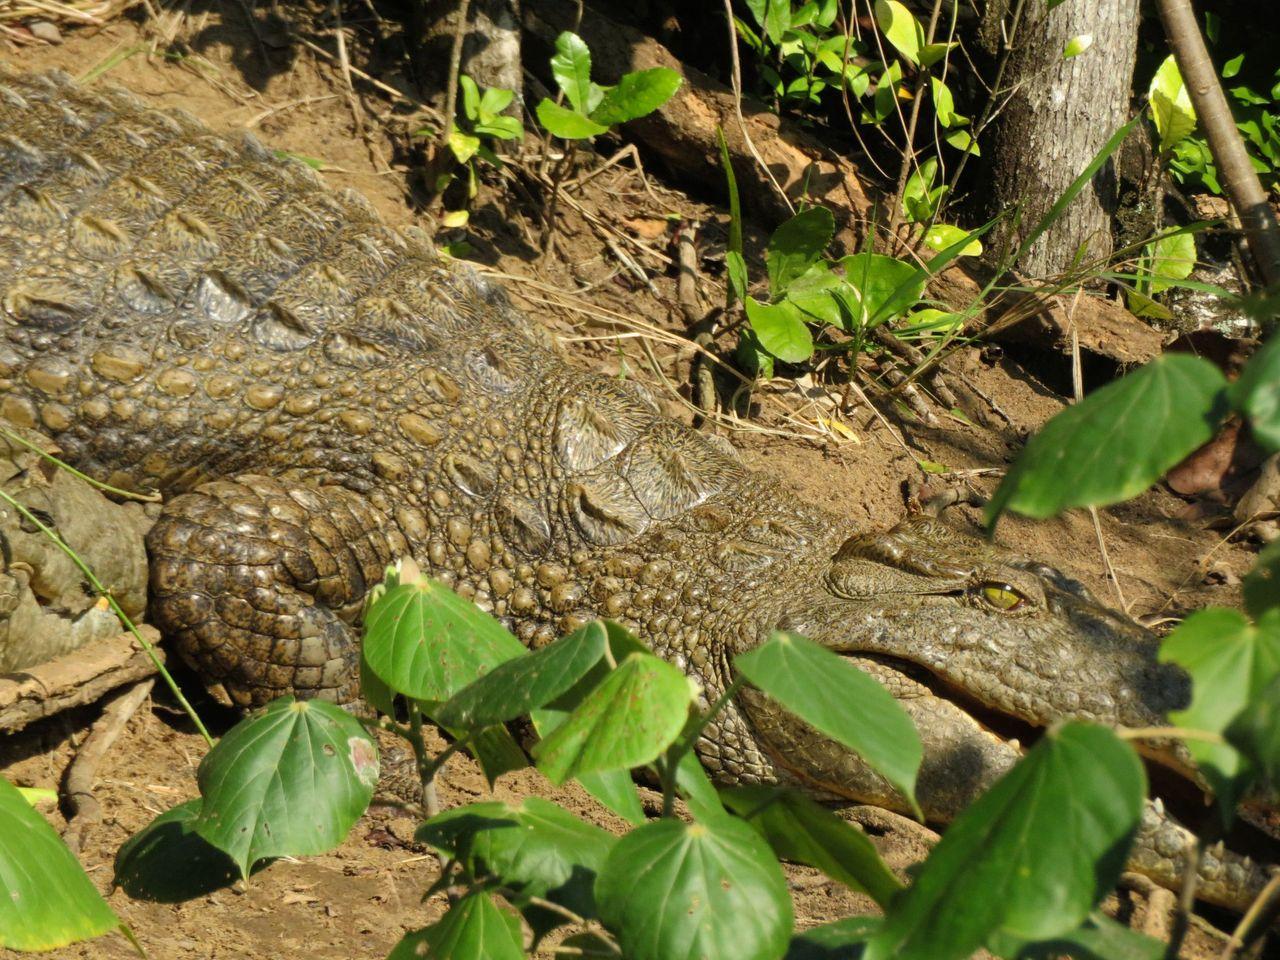 2940-Croc.JPG